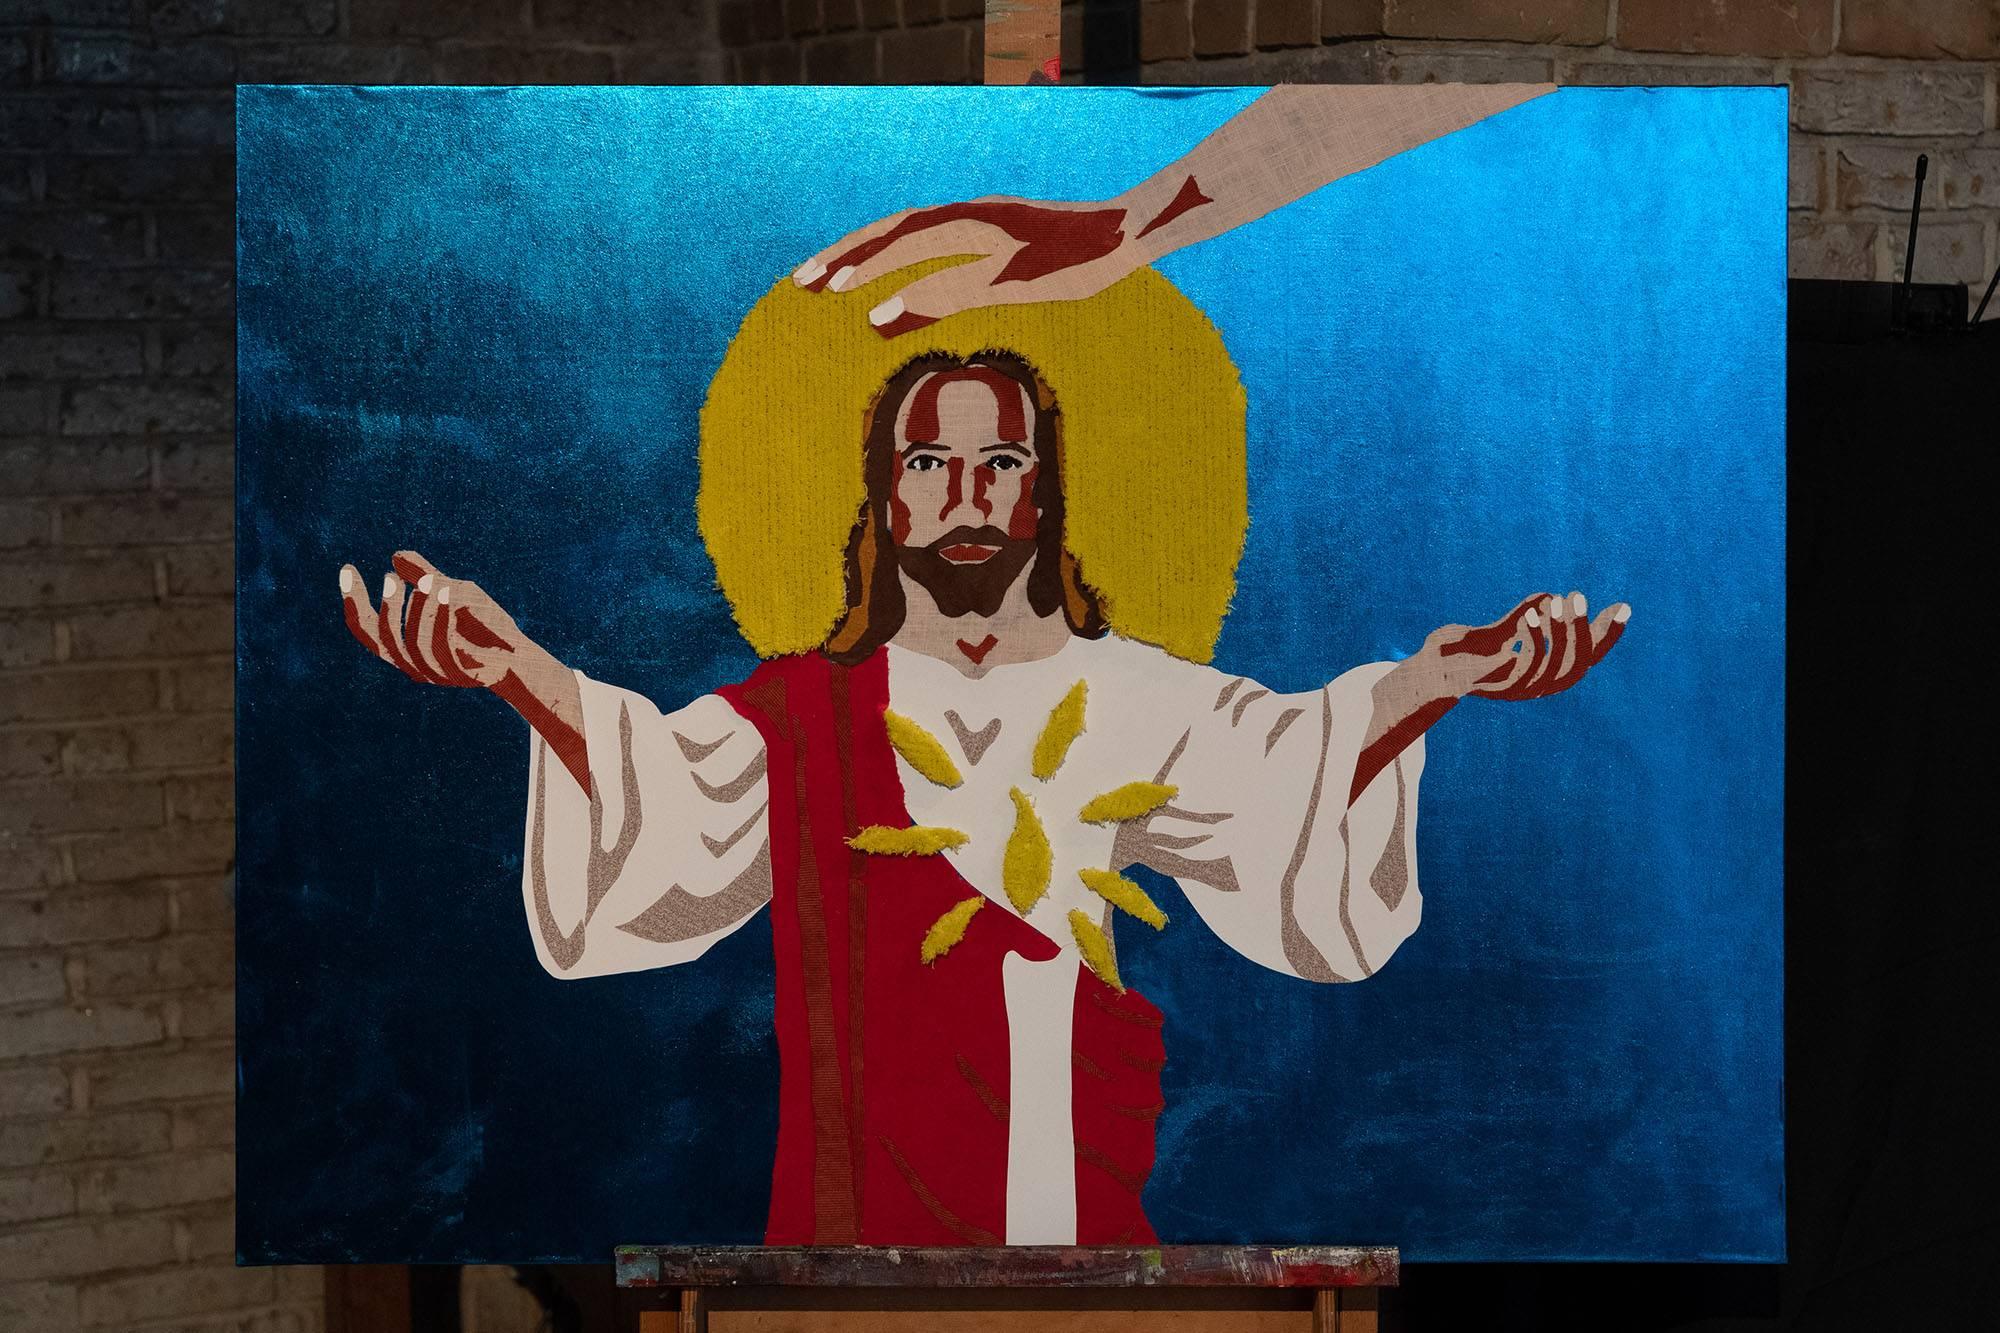 Werk 22. Taktila™ Jezus - Mixed media op houten paneel (2019)